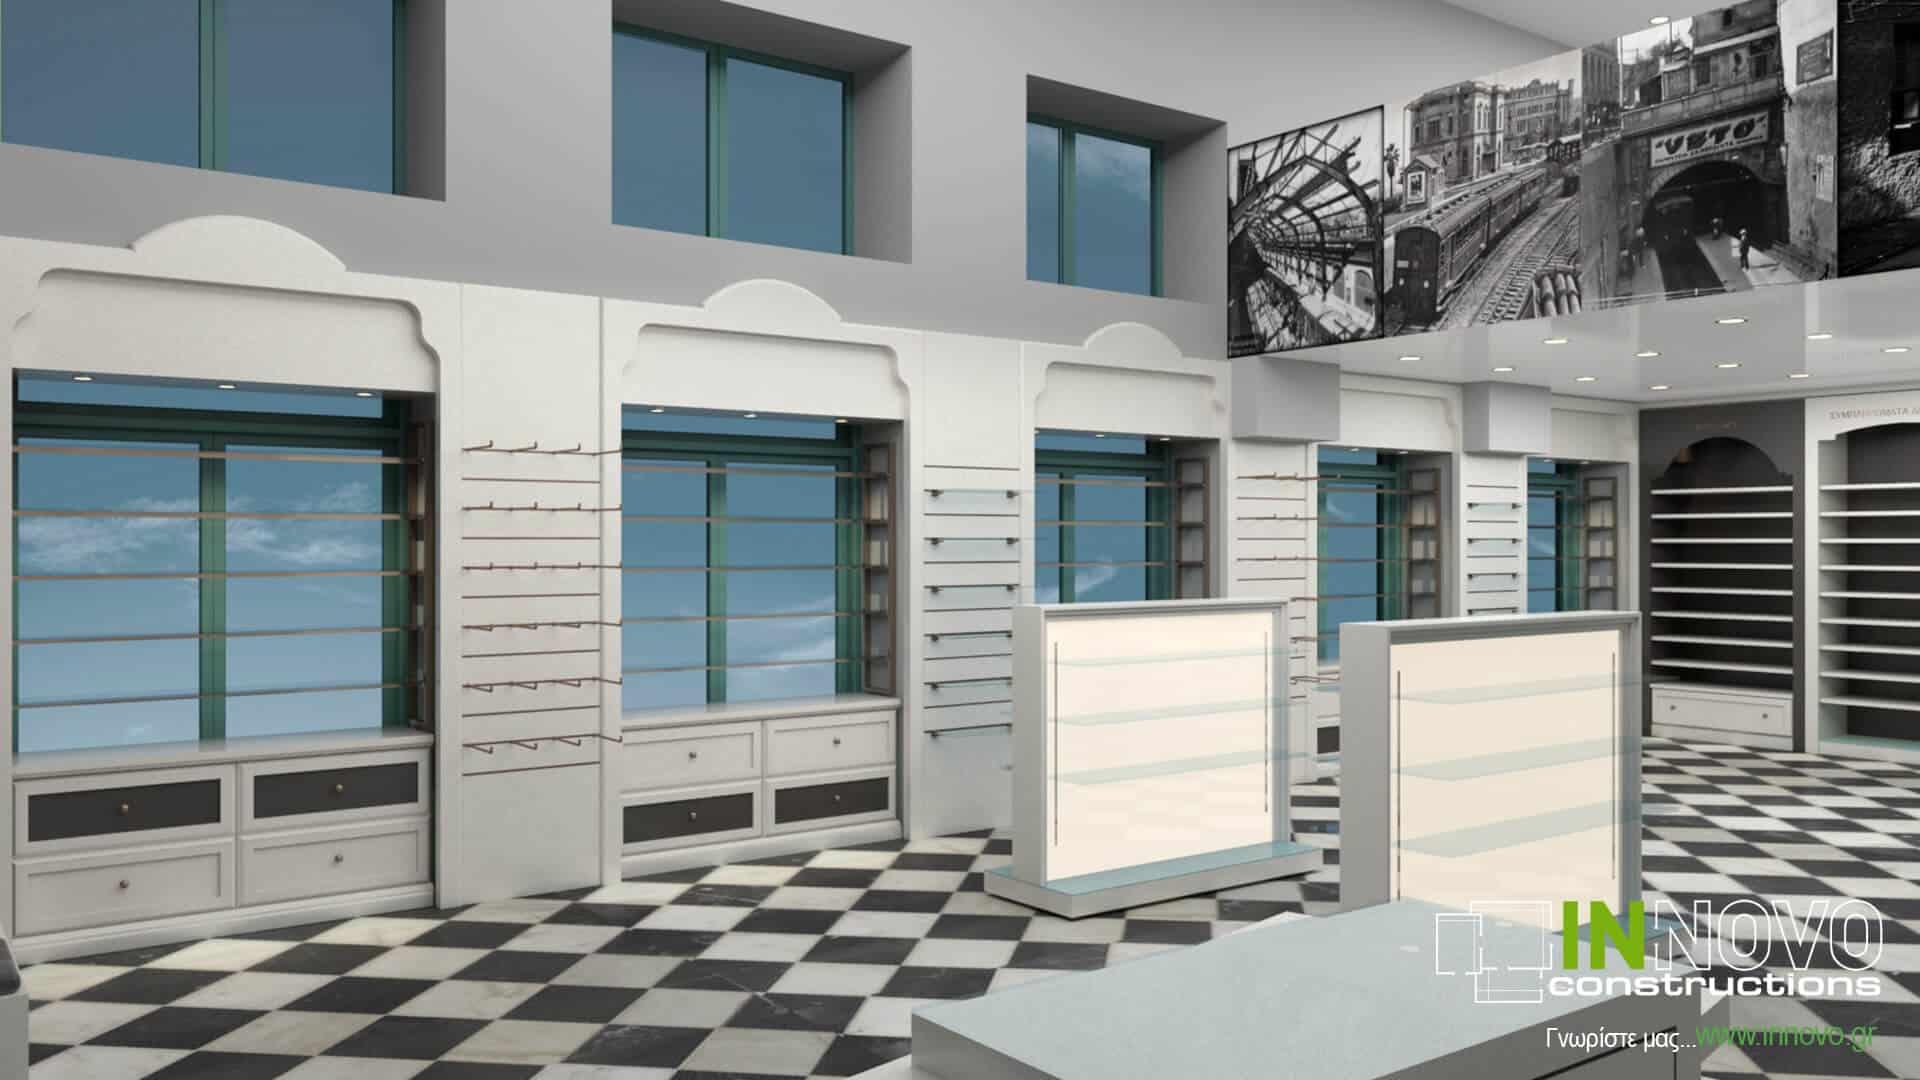 Από την Constructions, σχεδιασμός ανακαίνισης φαρμακείου στον Πειραιά